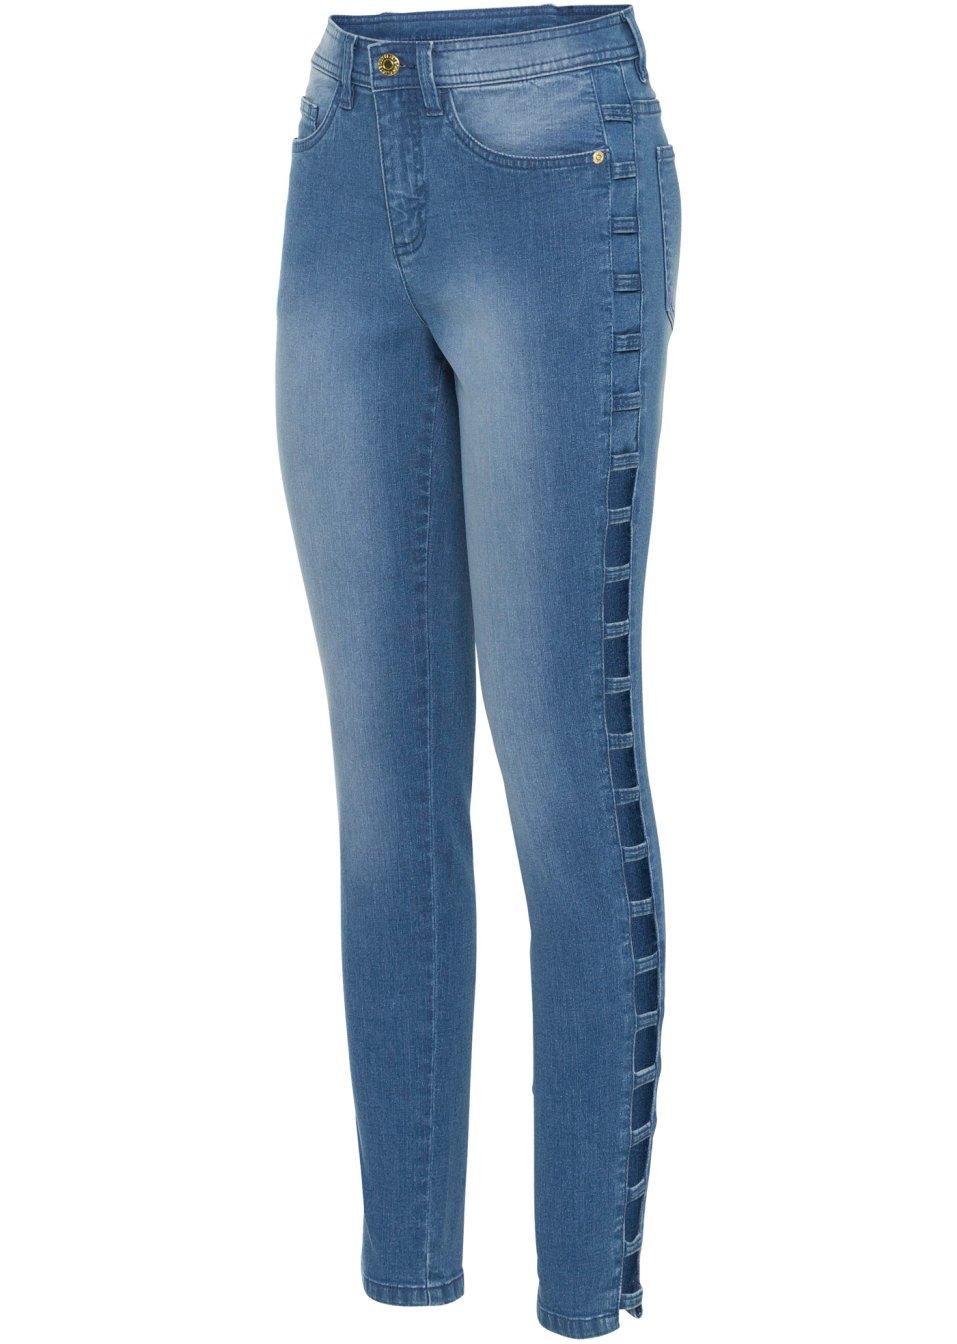 Jeans mit Cut-Outs blue bleached - Damen - bonprix.de oAc4Z ZjtvP